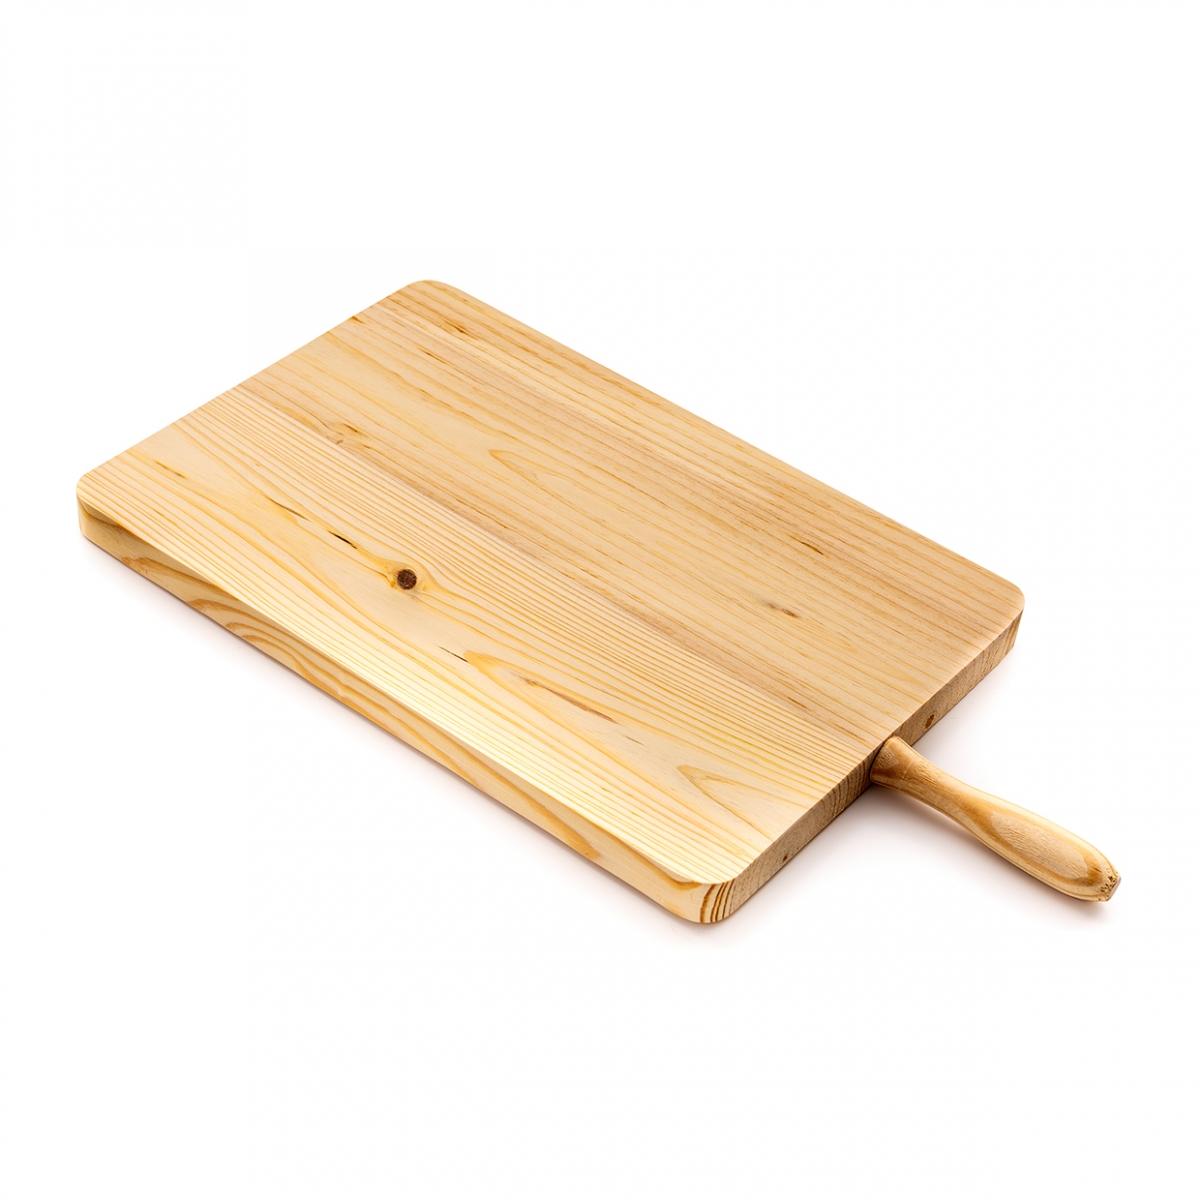 Imagen en la que se ve una tabla de madera para la cocina